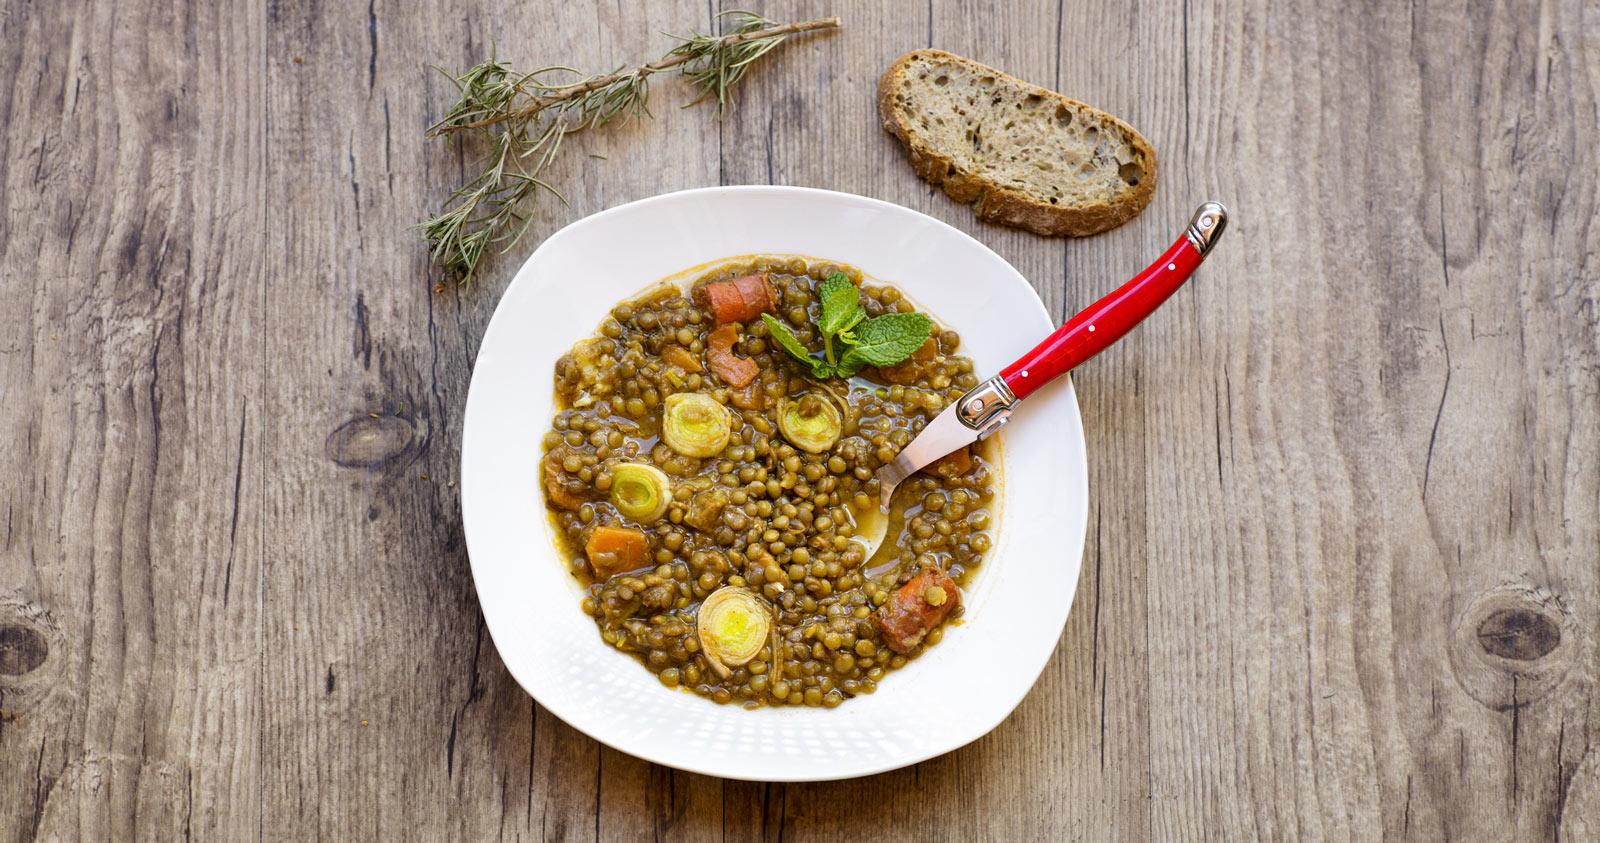 Stunning Rezepte Basische Küche Ideas - Ridgewayng.com ...